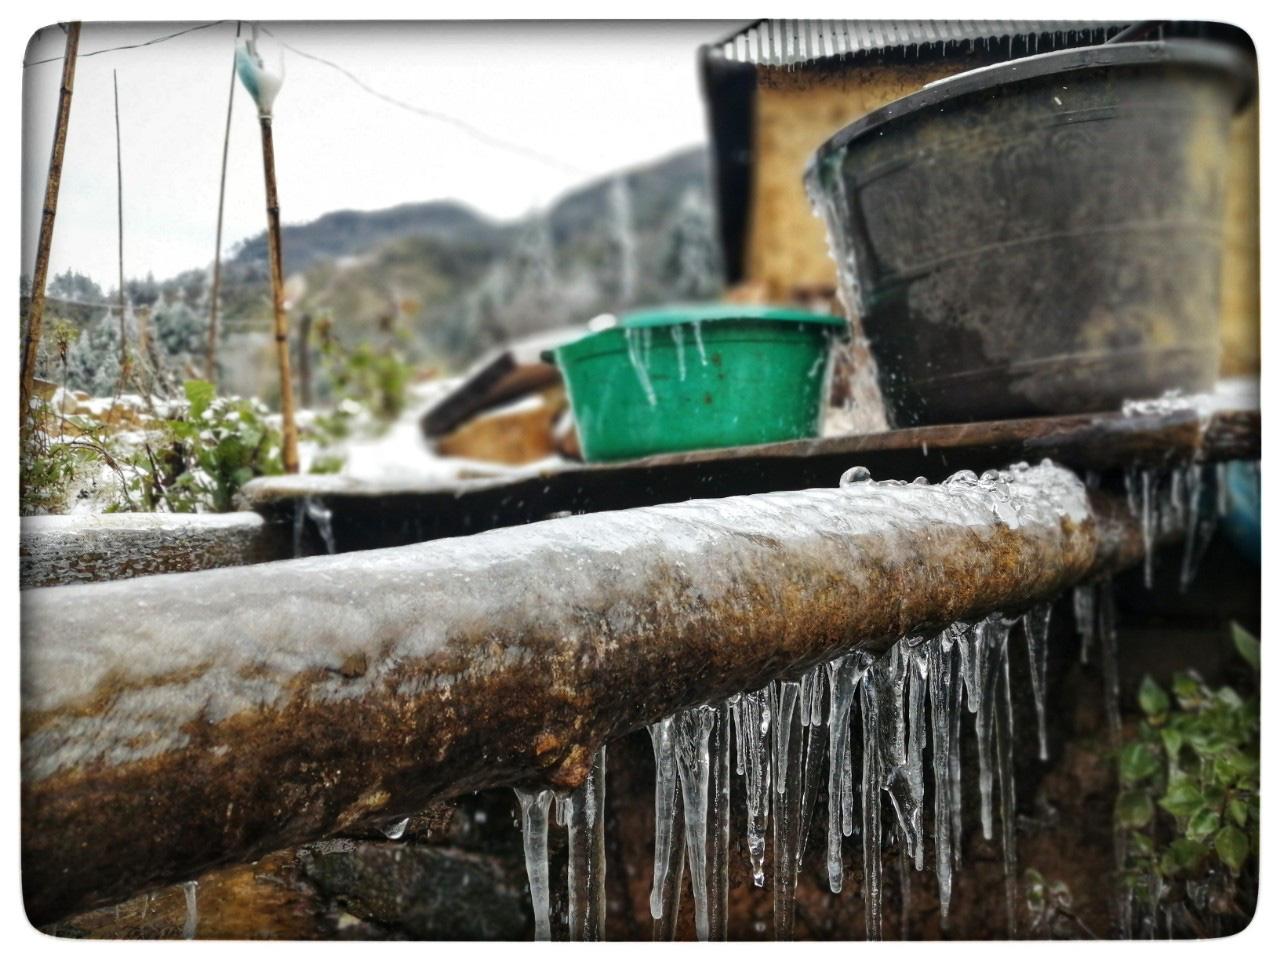 Lào Cai: Lạnh -3 độ C, Y Tý ngày tuyết rơi như chiếc tủ lạnh khổng lồ, đẹp như trời Âu - Ảnh 9.